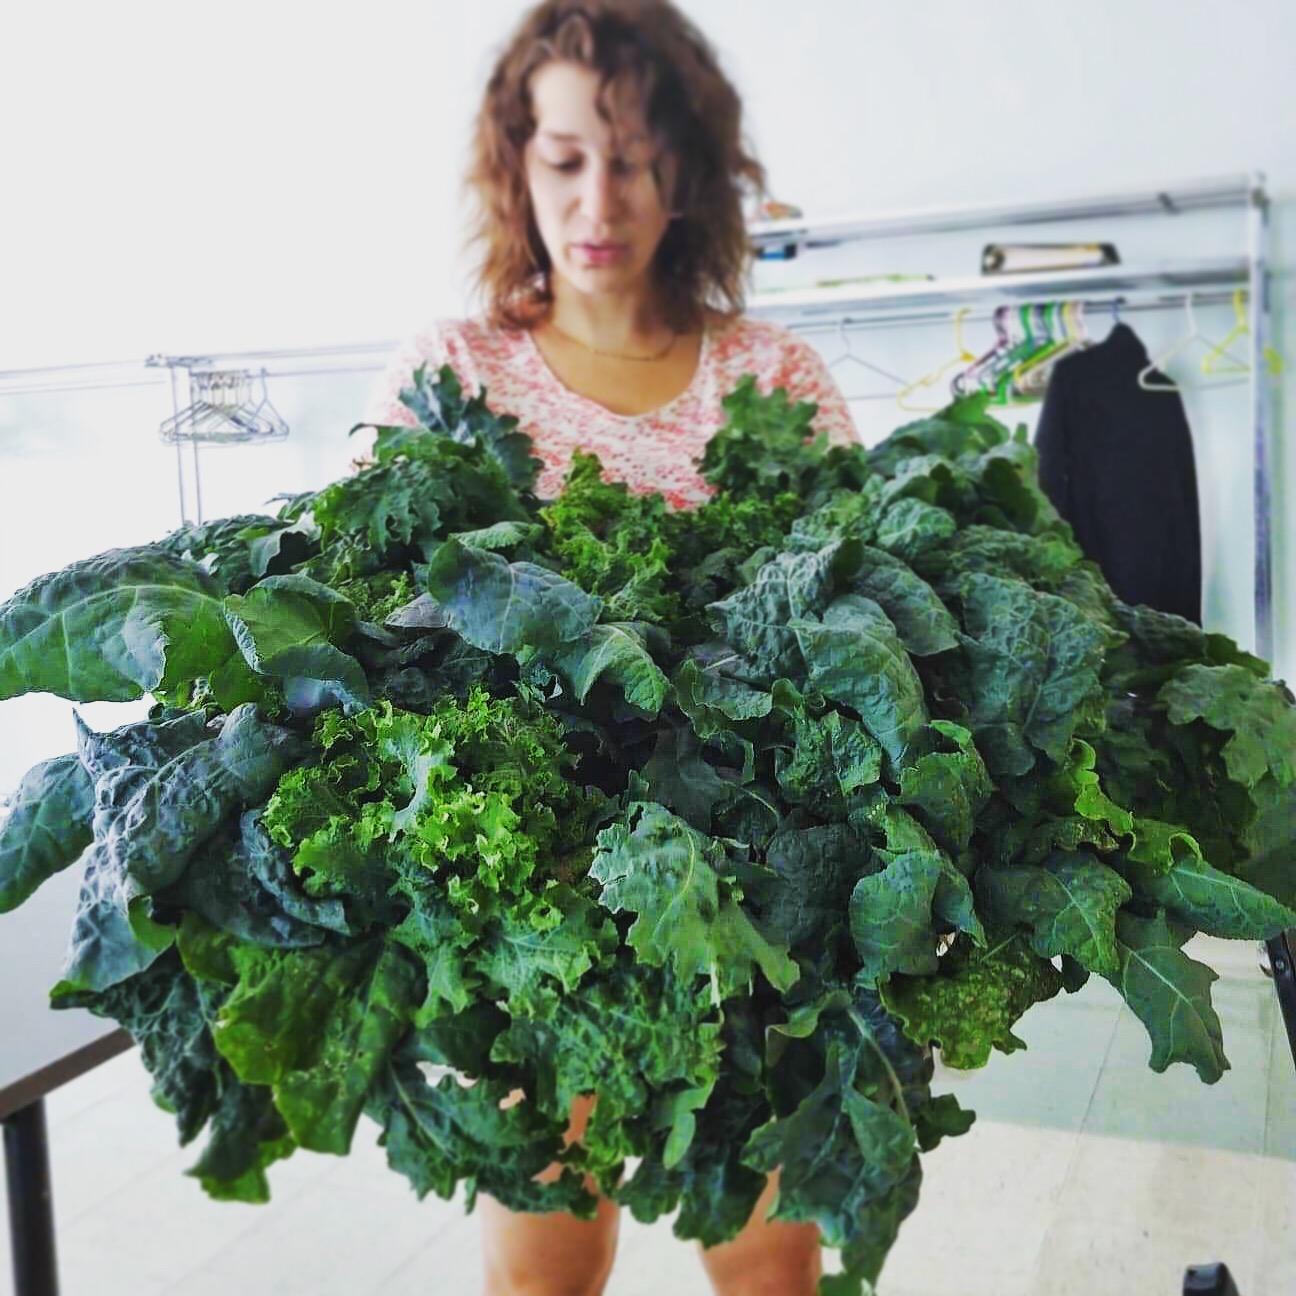 Une jupe de kale